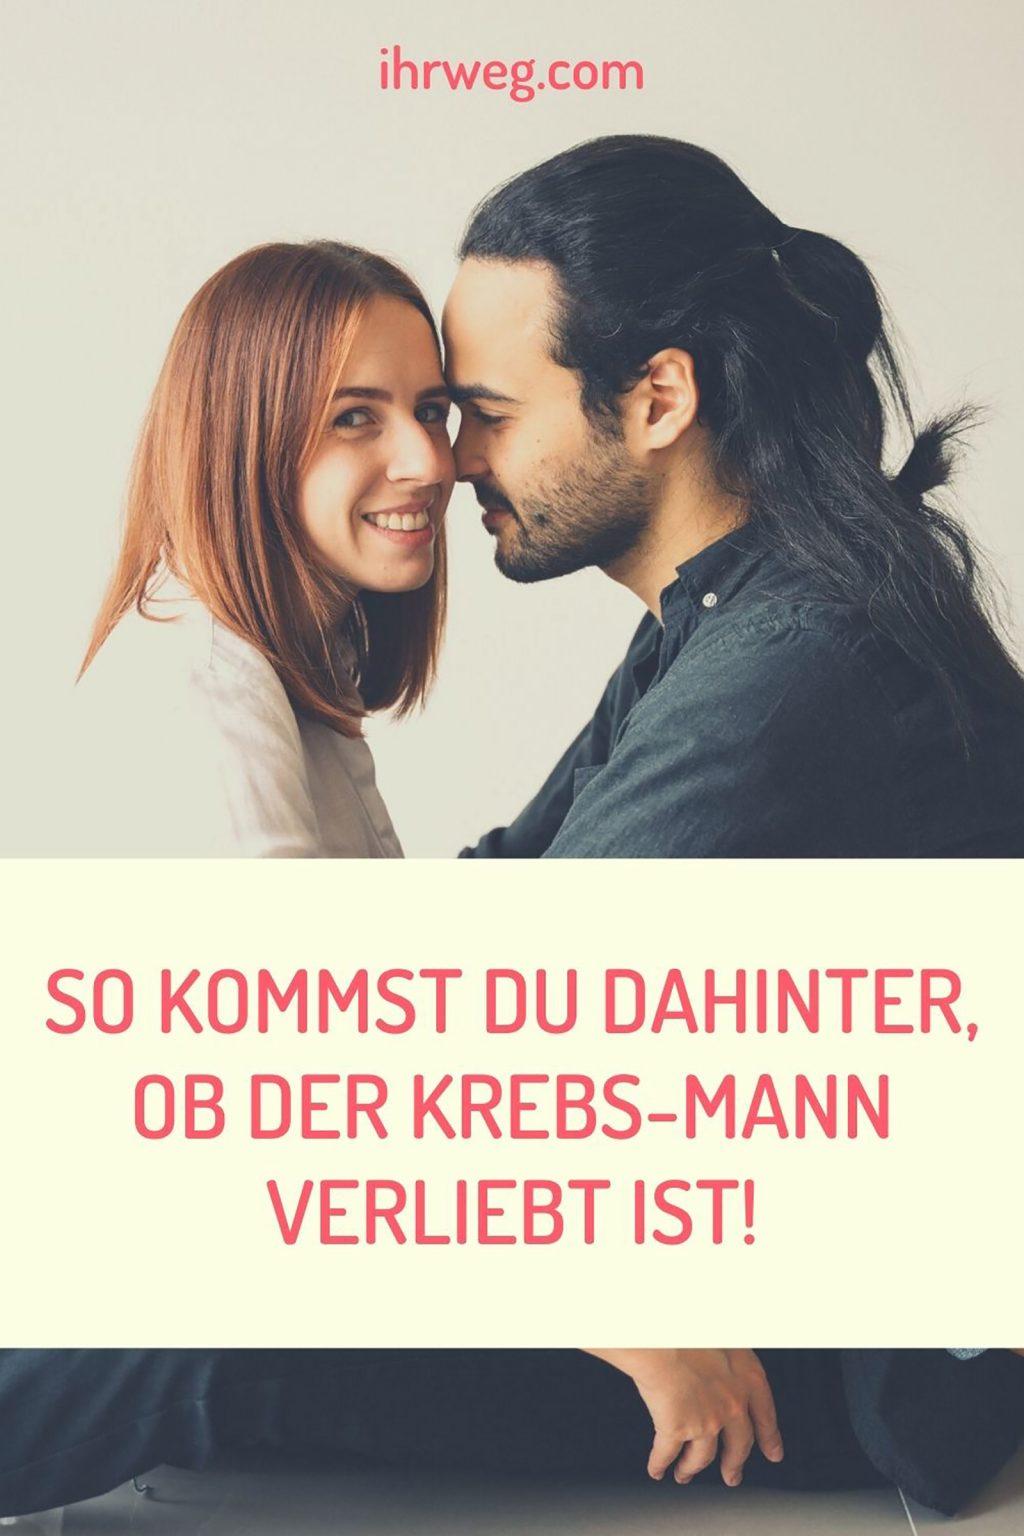 So Kommst Du Dahinter, Ob Der Krebs-Mann Verliebt Ist!